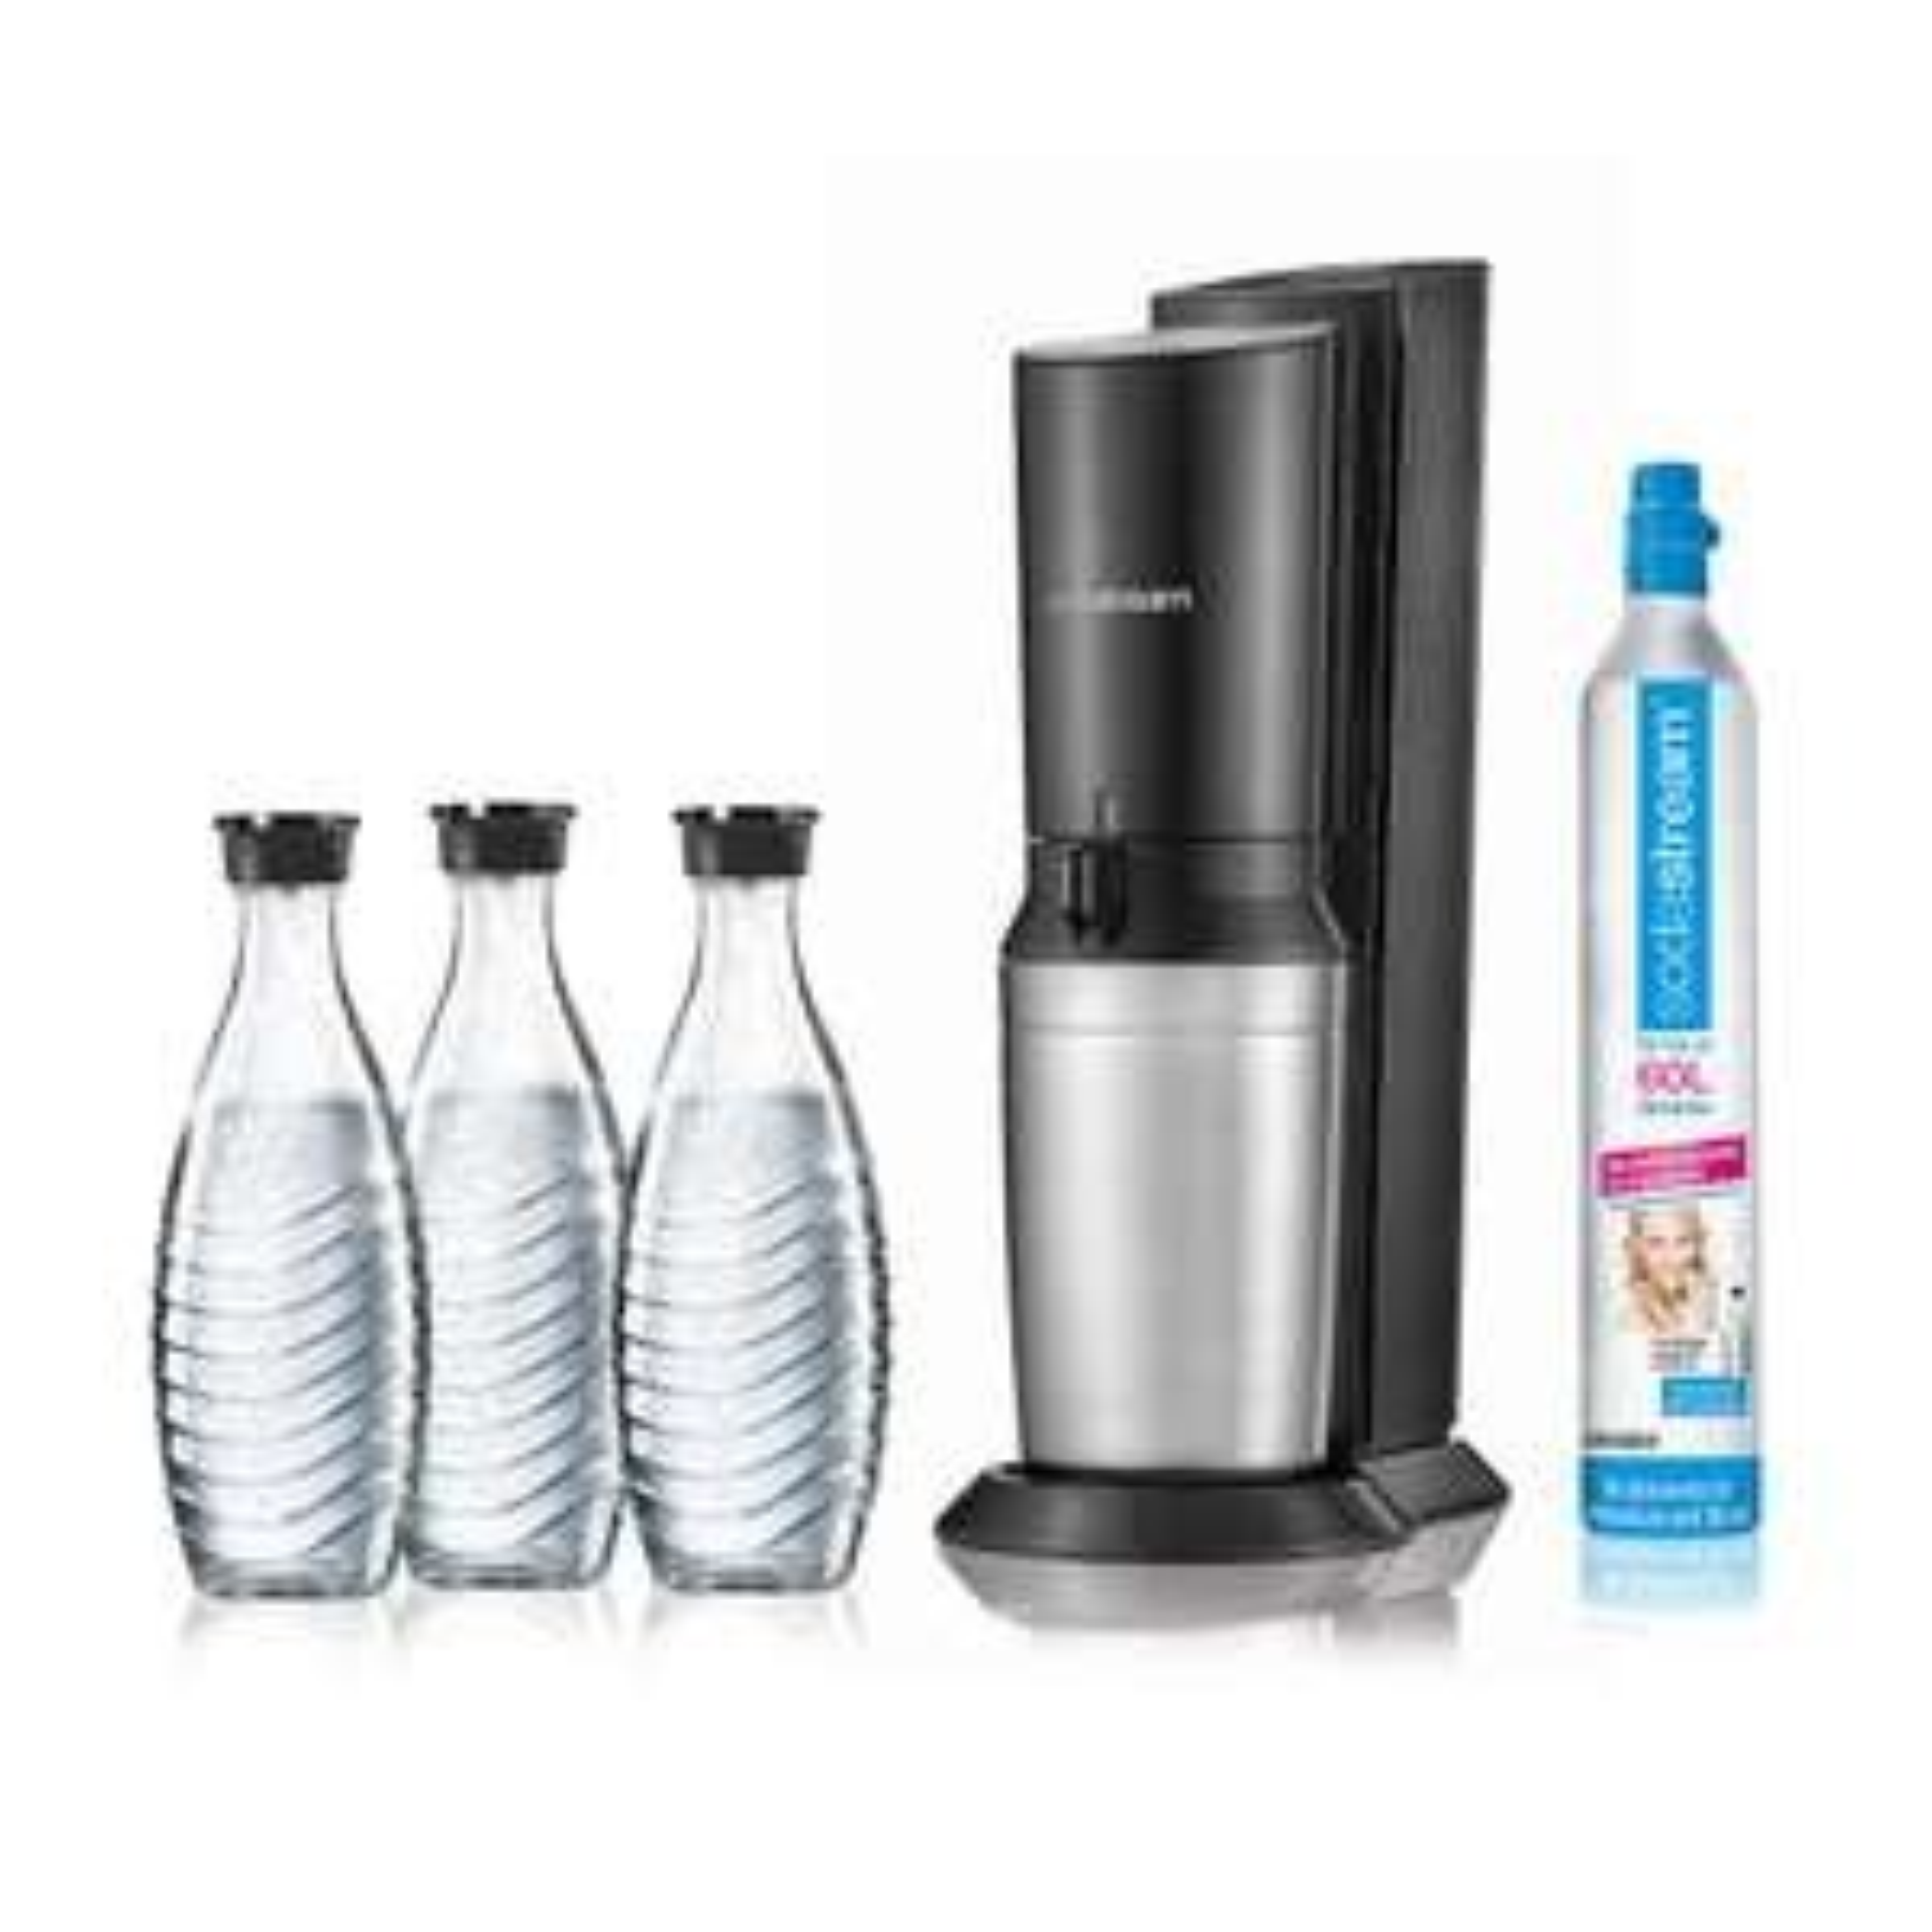 [Neukunden] Sodastream Crystal 2.0 mit 3 Glaskaraffen + 1 Zylinder